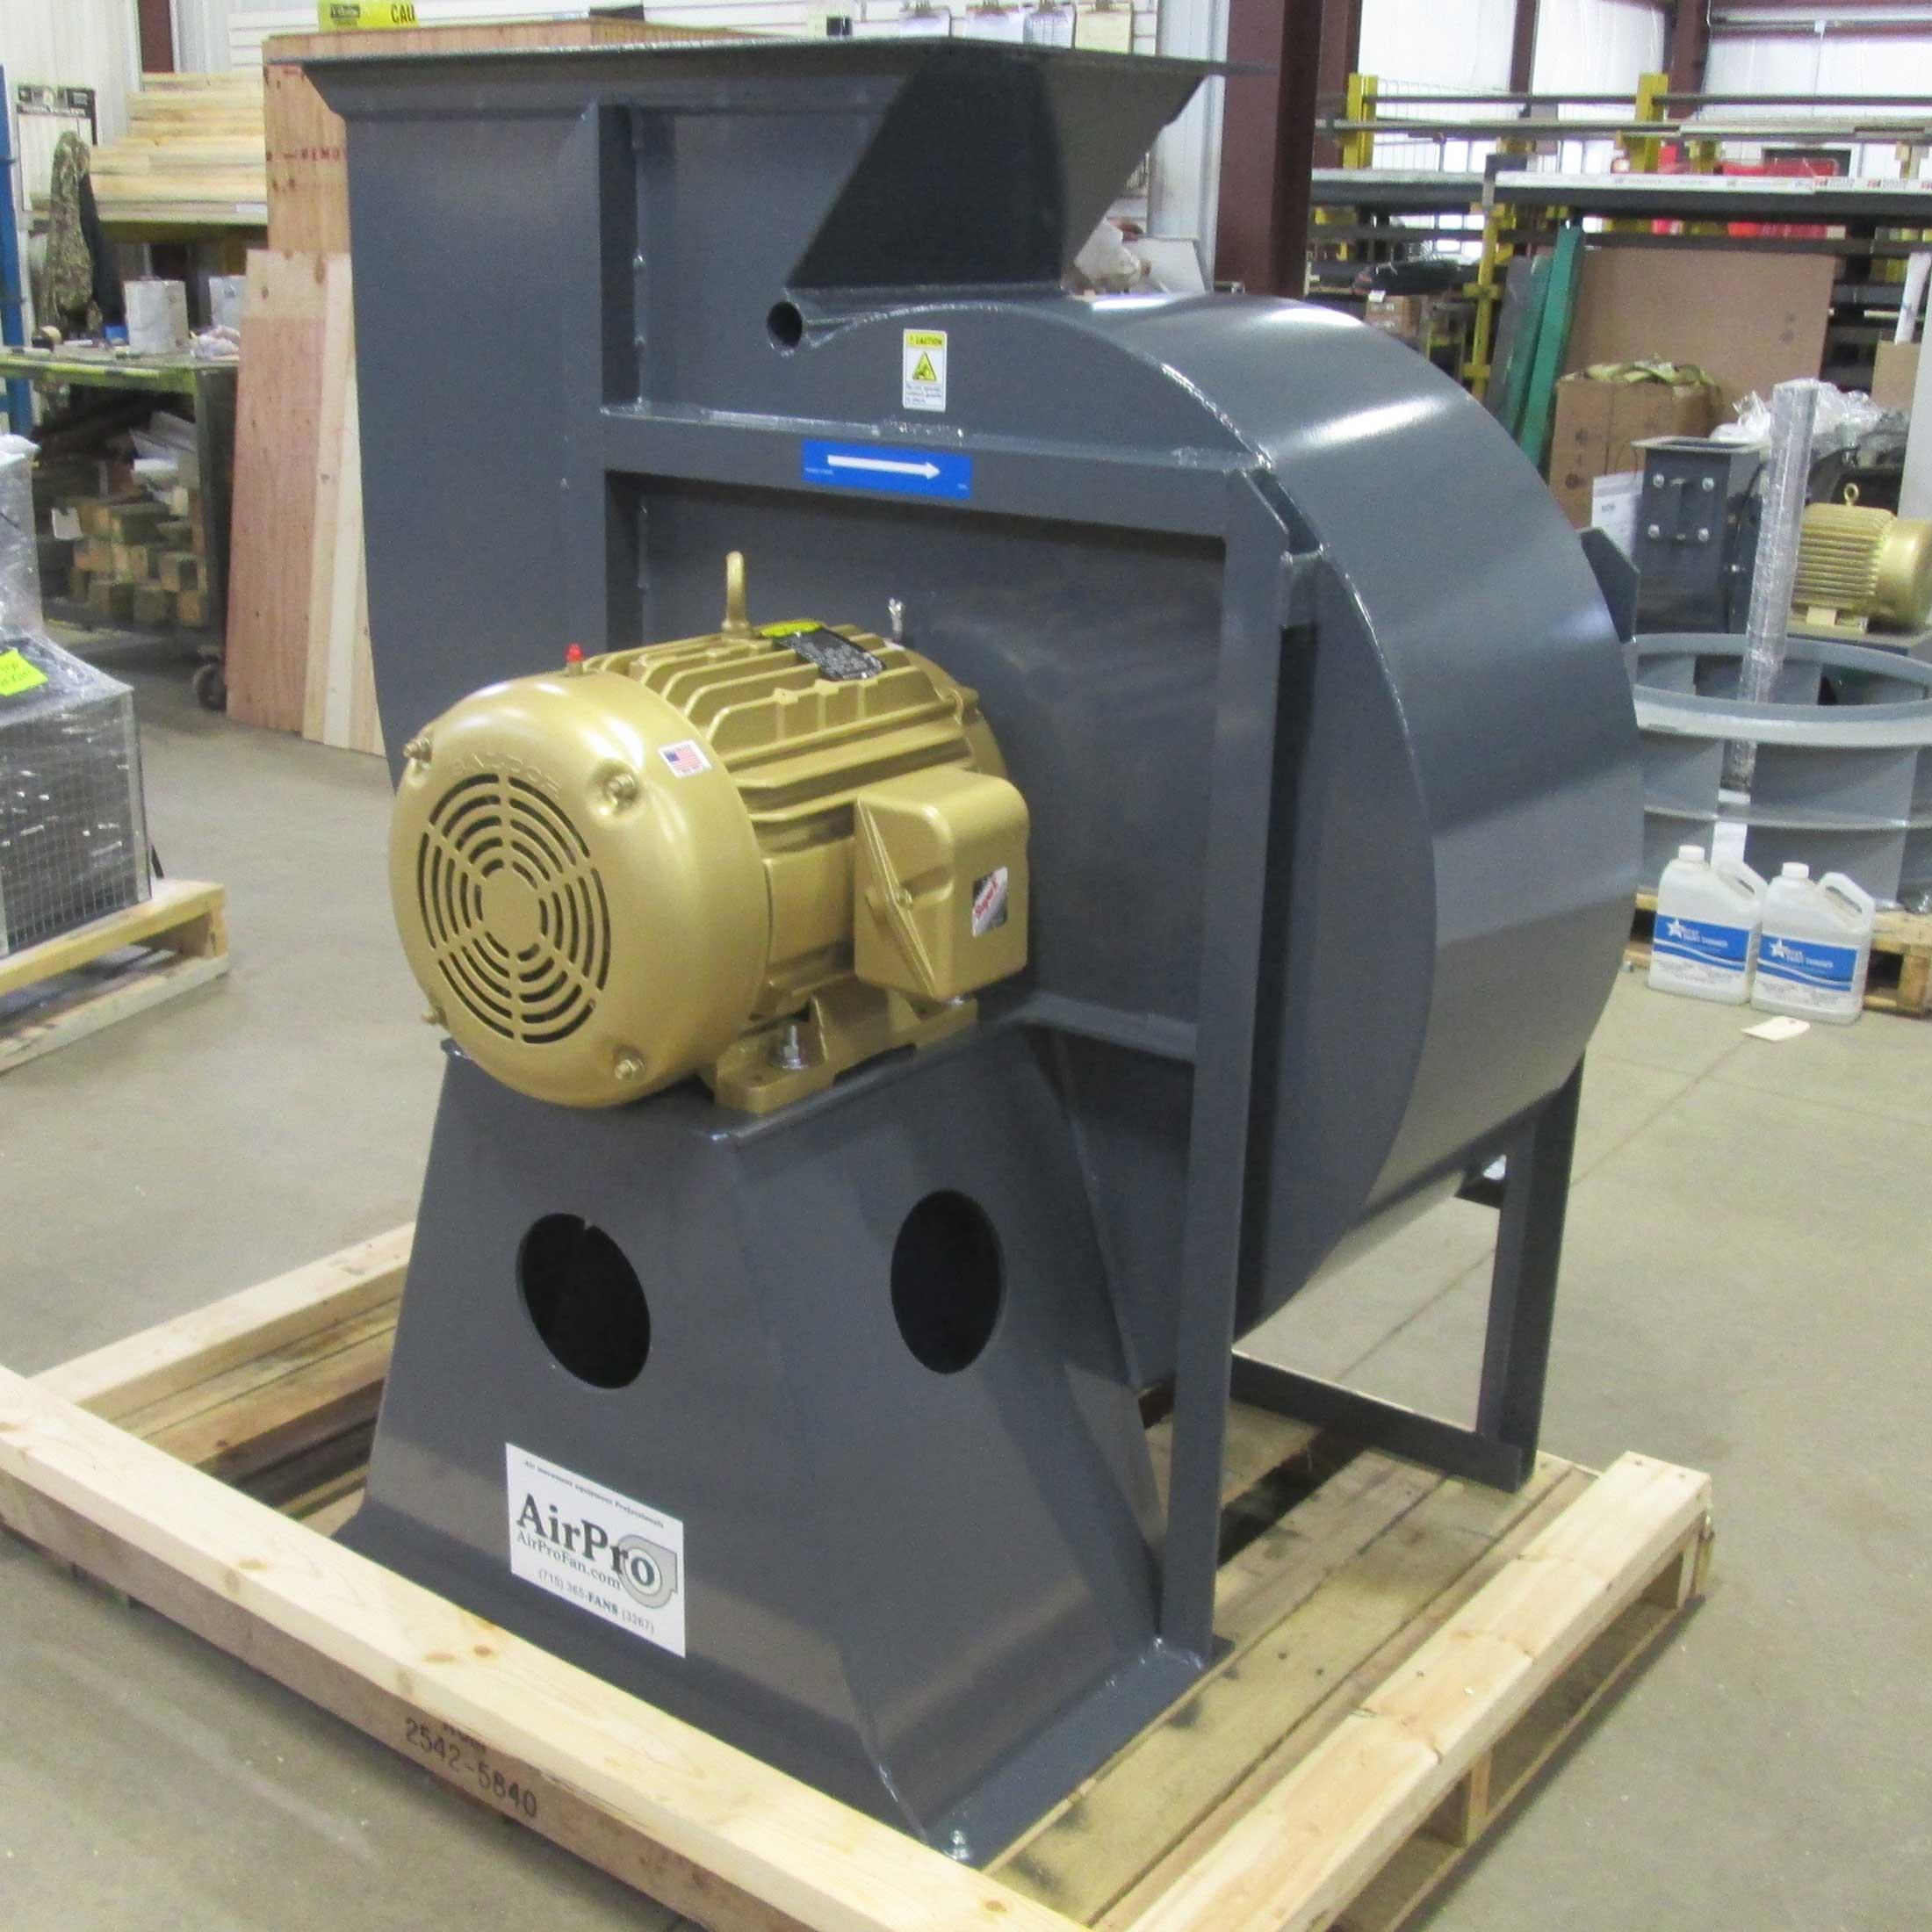 Radial Tipped Fan Airpro Fan Amp Blower Company